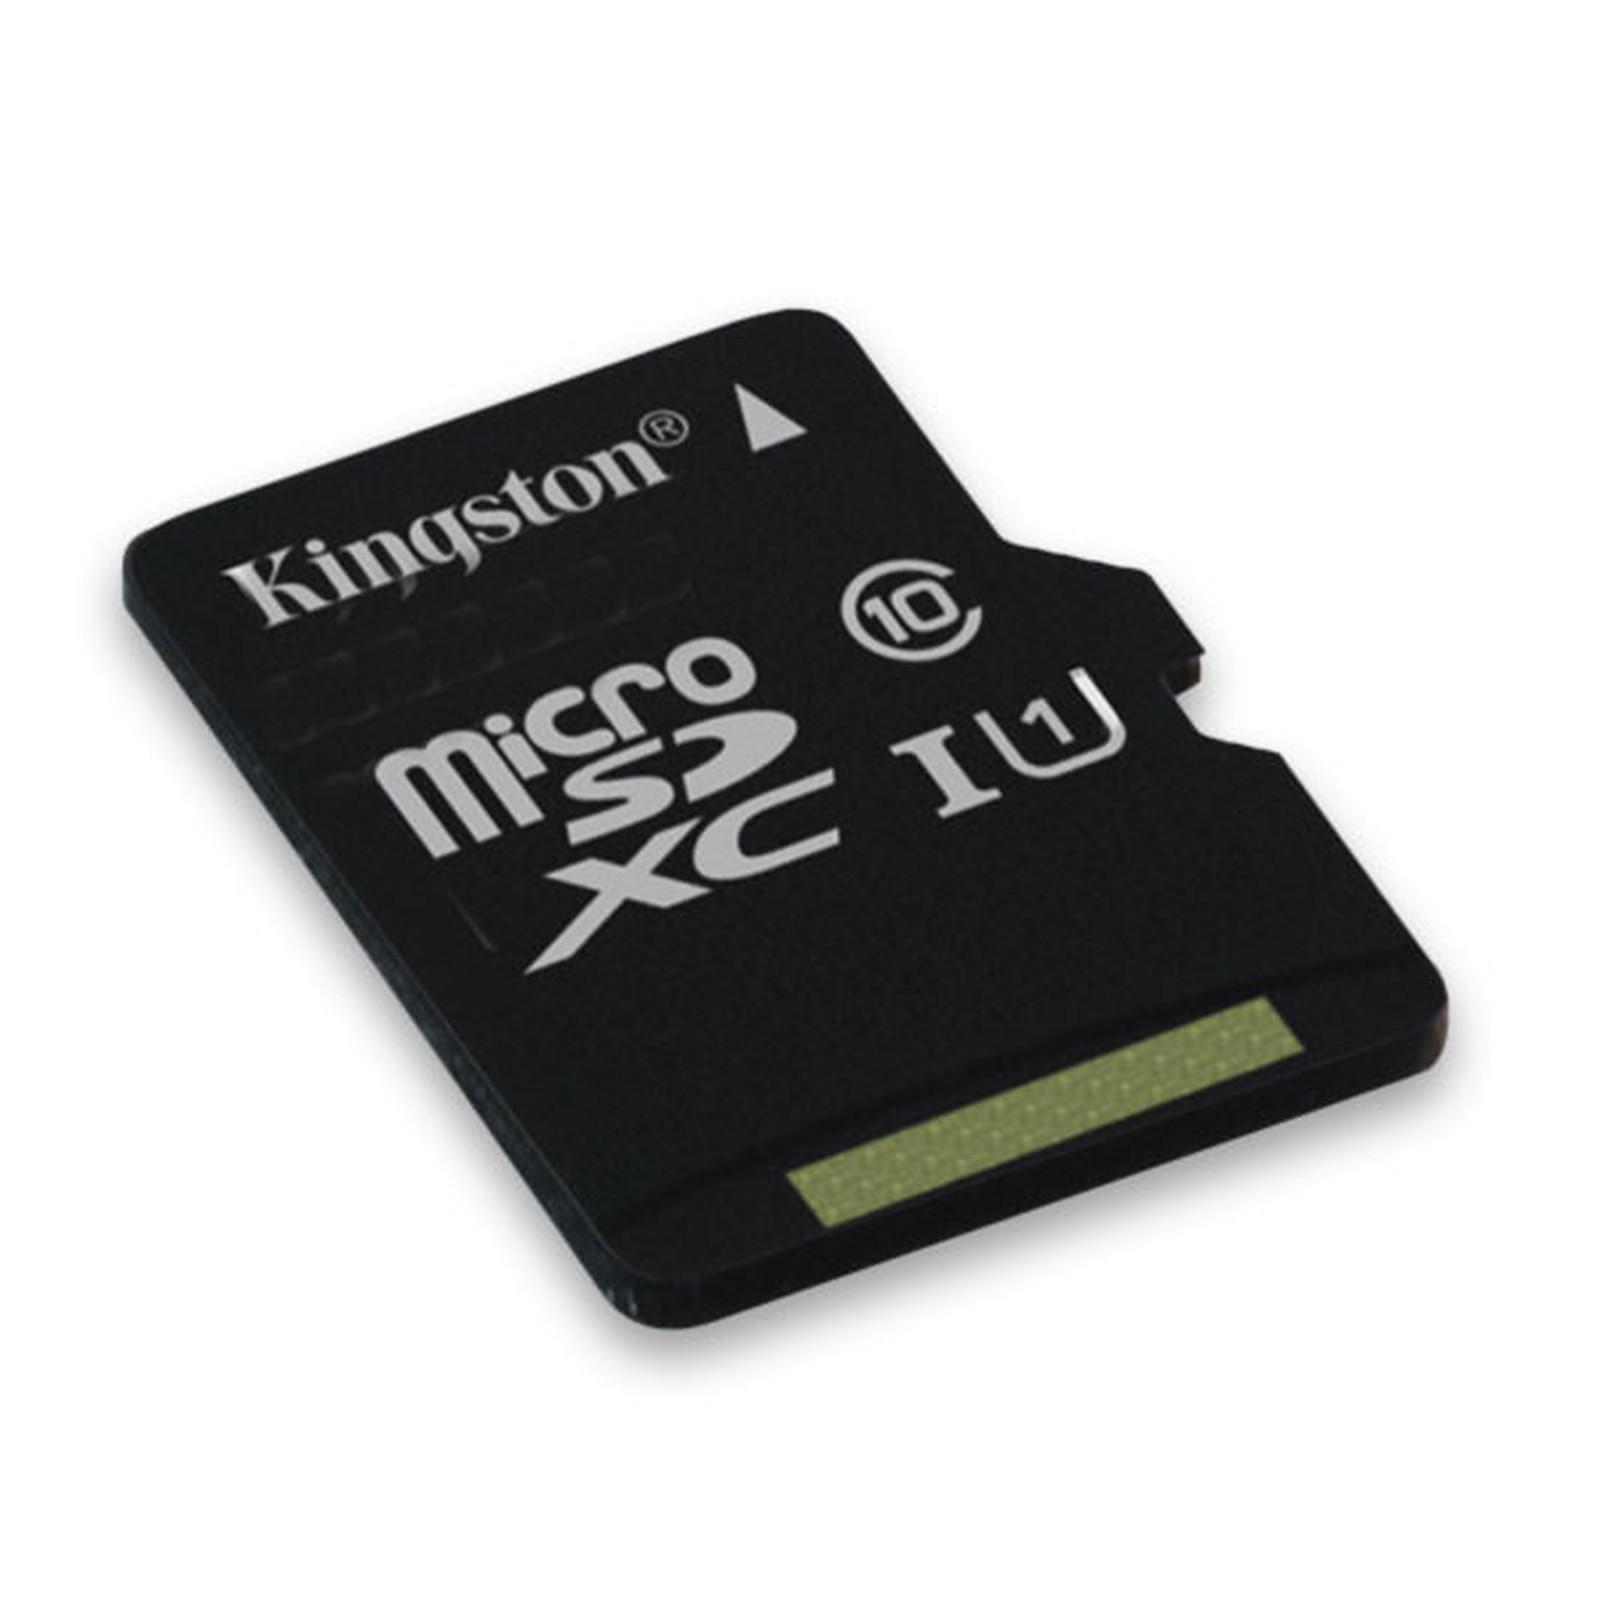 Kingston SDC10G2/64GBSP